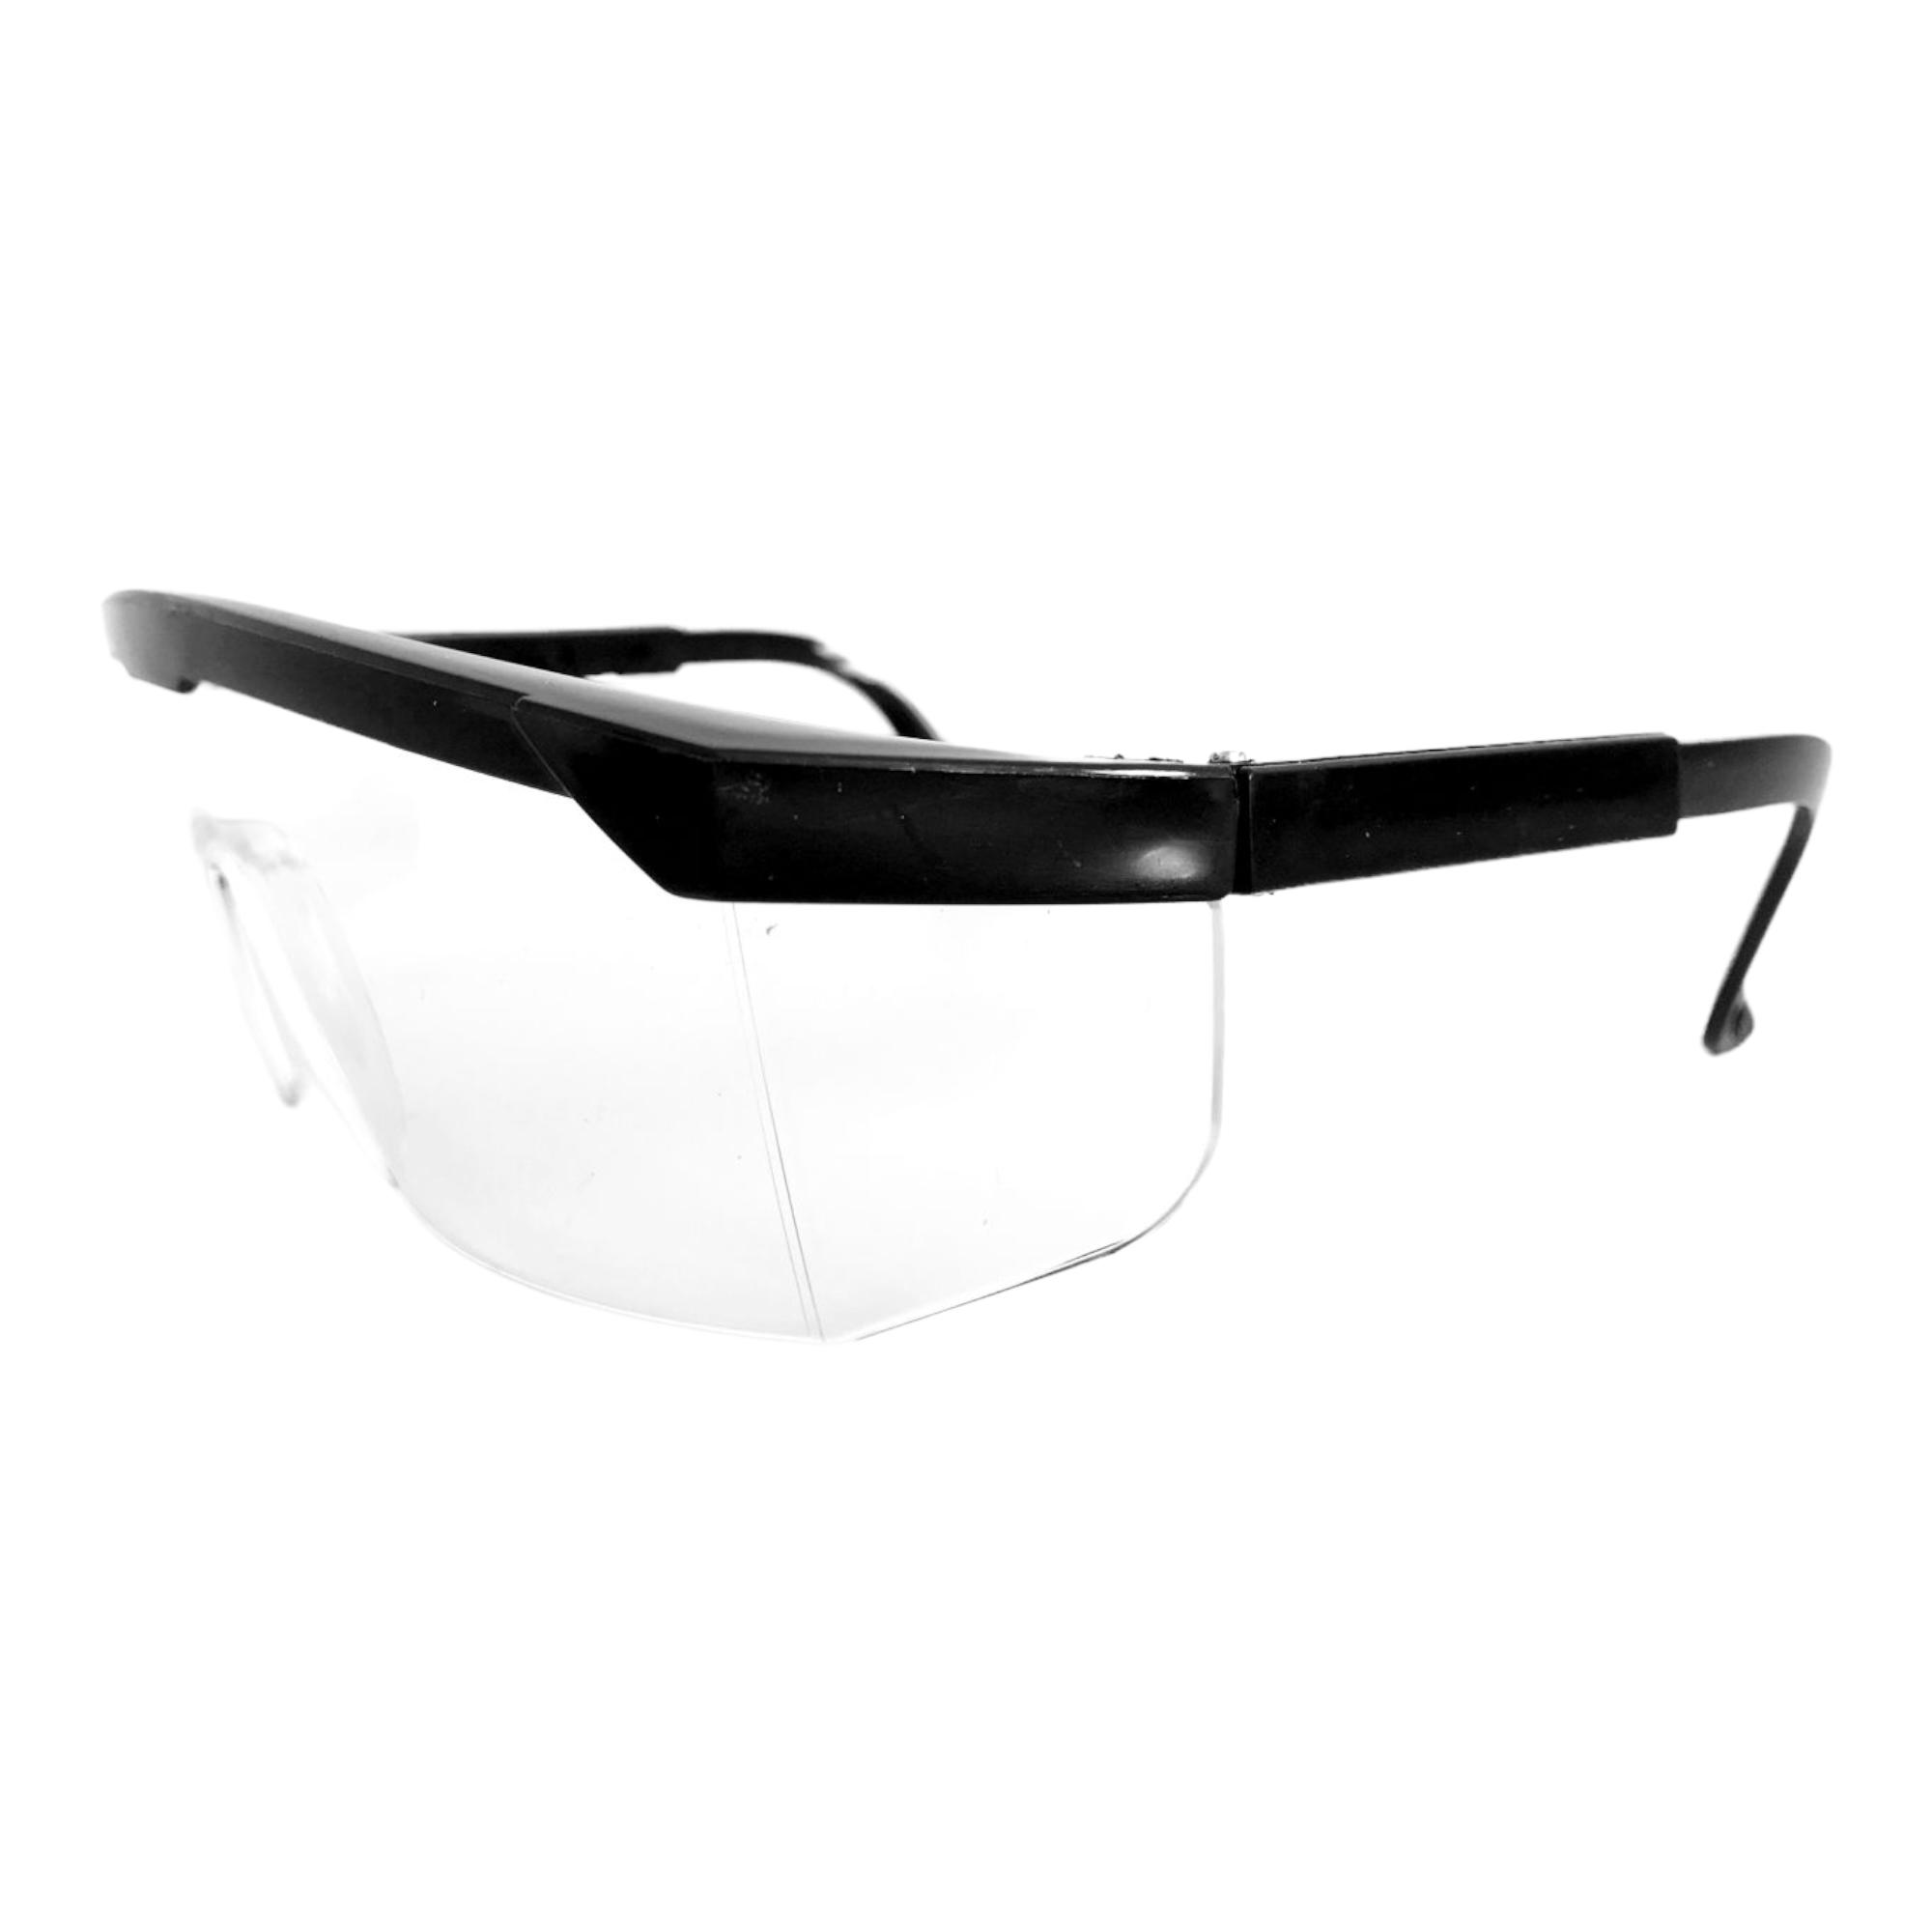 3 arbeitsschutzbrillen b6 polycarbonat klare gl ser. Black Bedroom Furniture Sets. Home Design Ideas